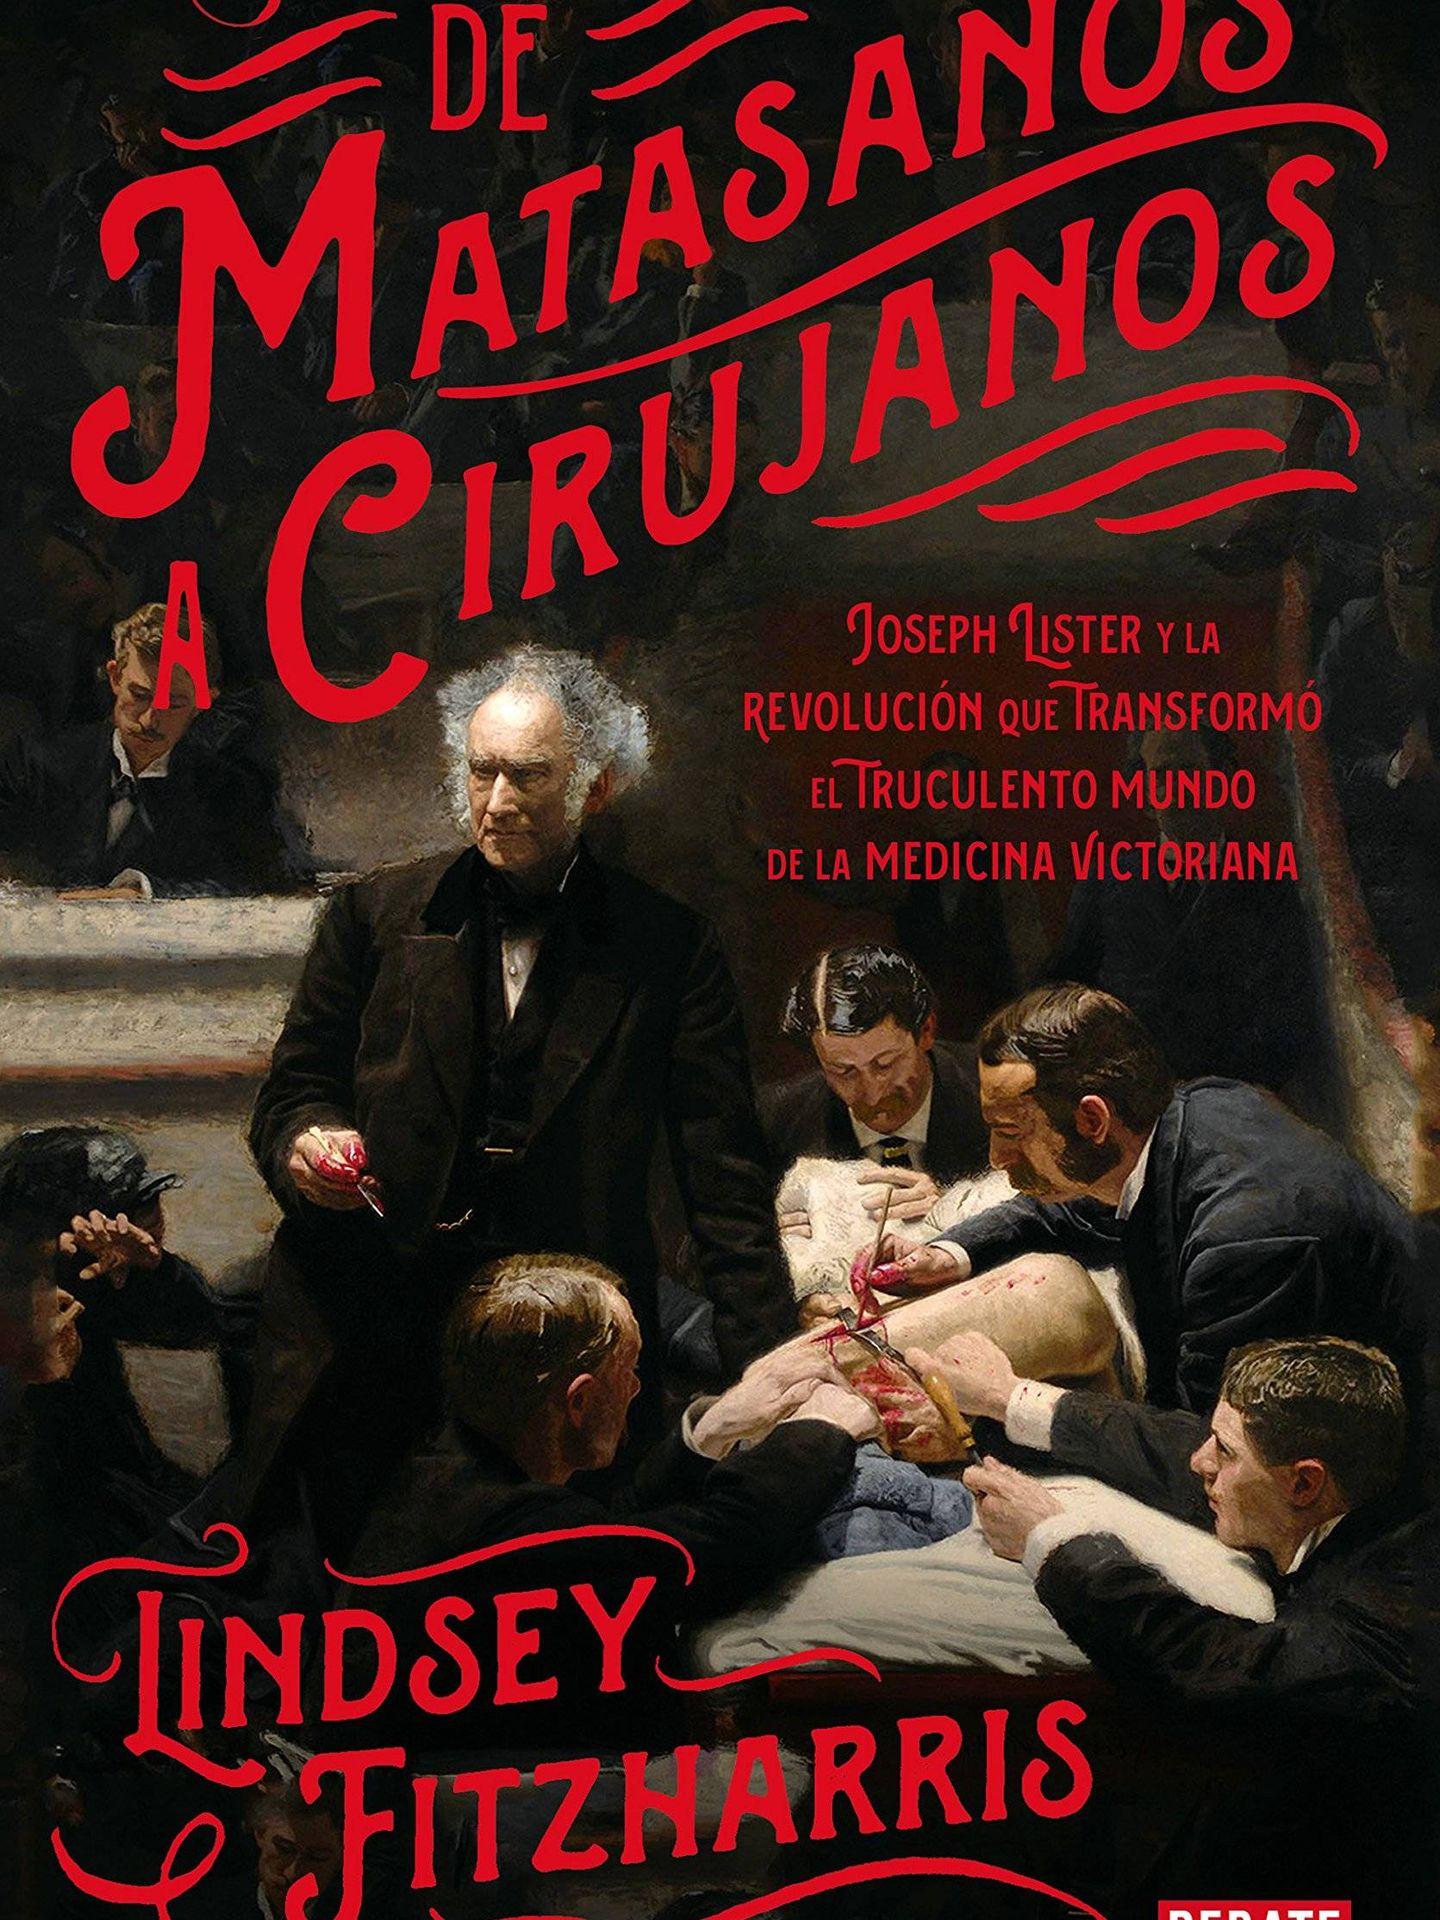 'De matasanos a cirujanos' (Debate).